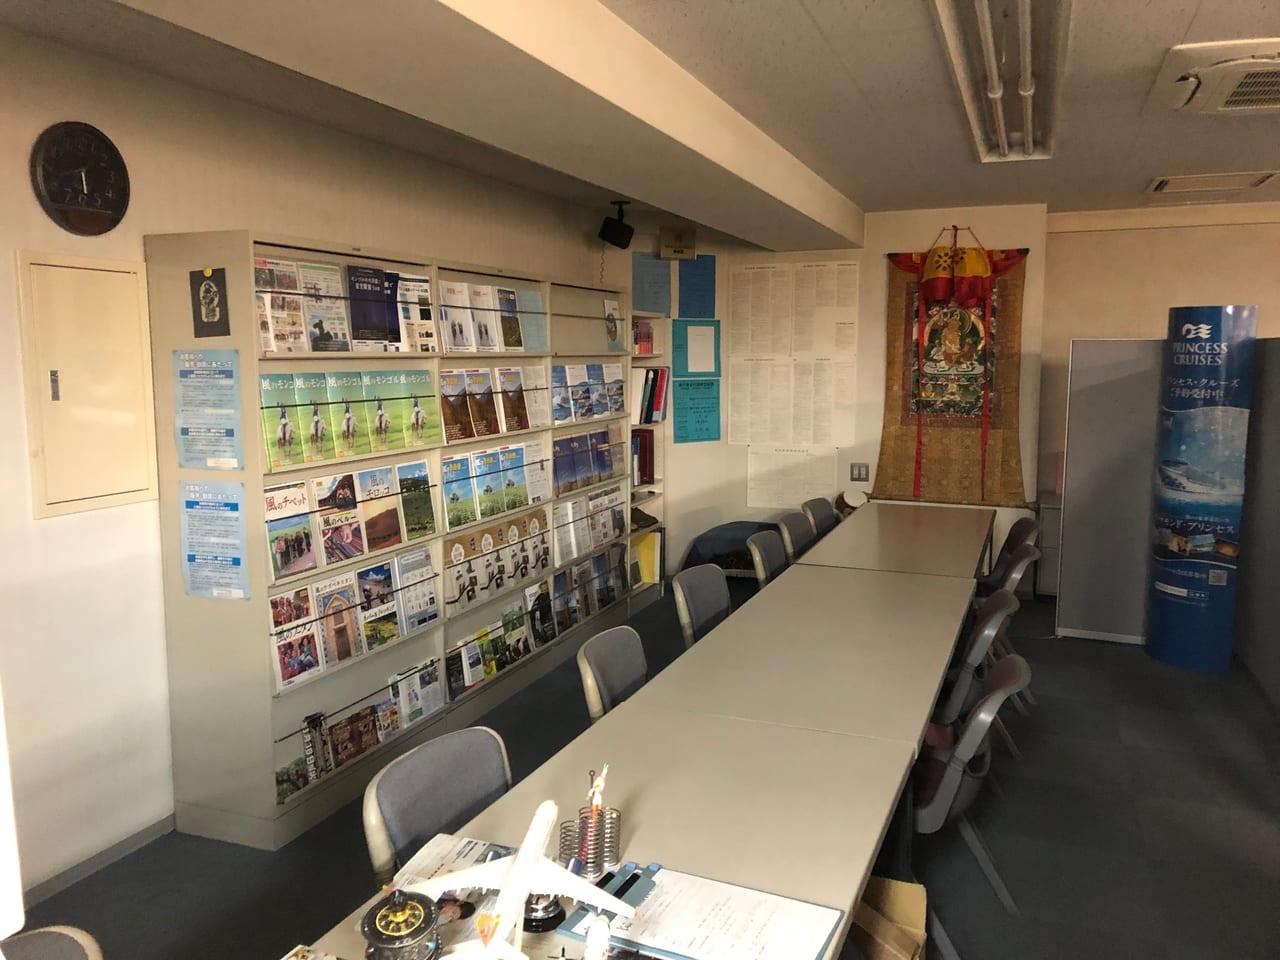 2020.4月初旬から時が止まった東京オフィス